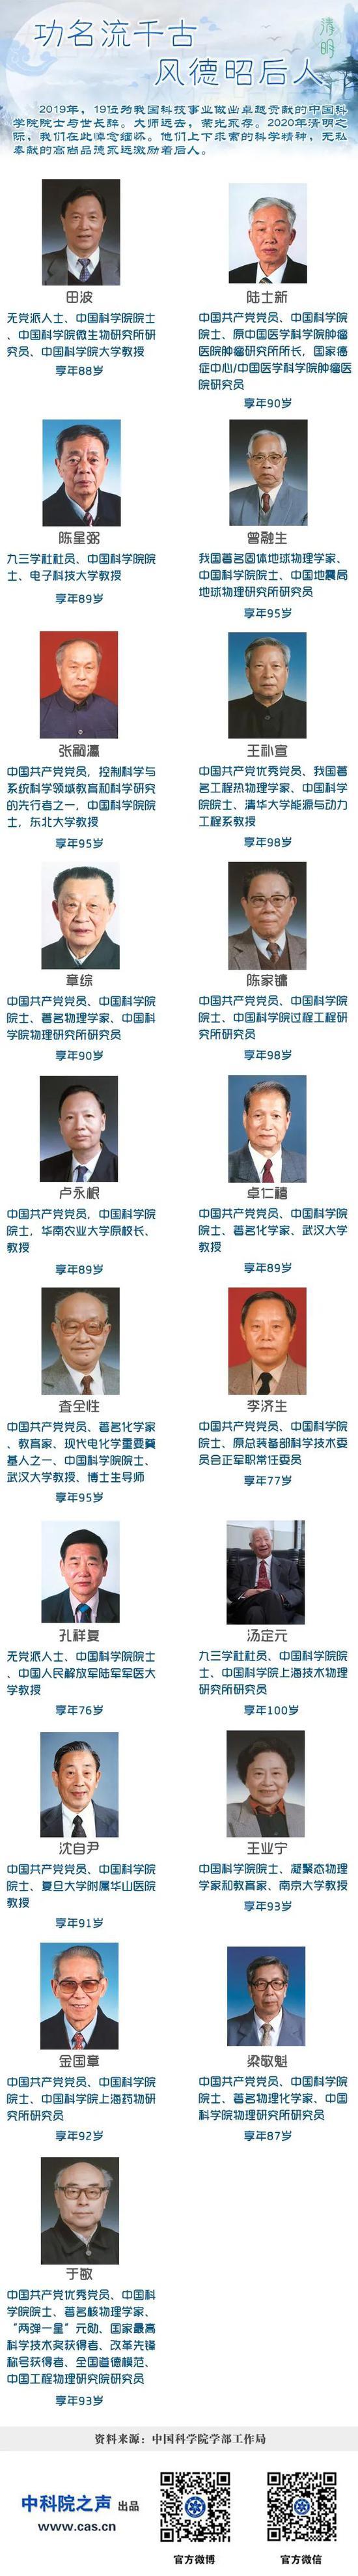 缅怀2019年逝去的19位中国科学院院士丨清明节中国科学院